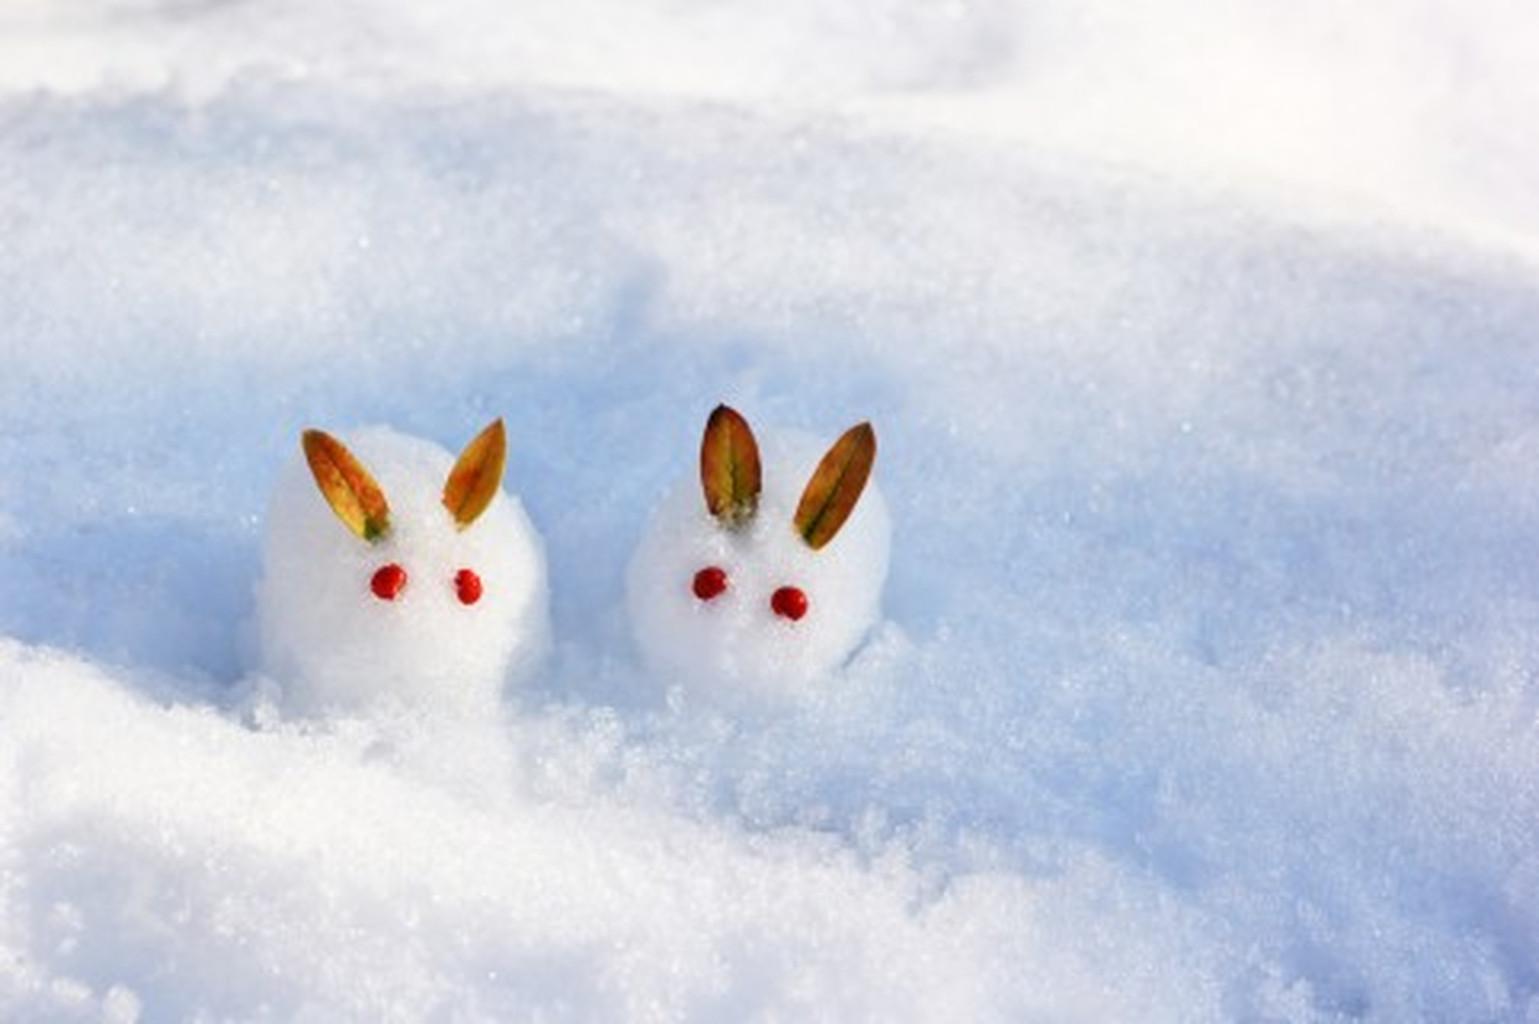 Snowrabbit